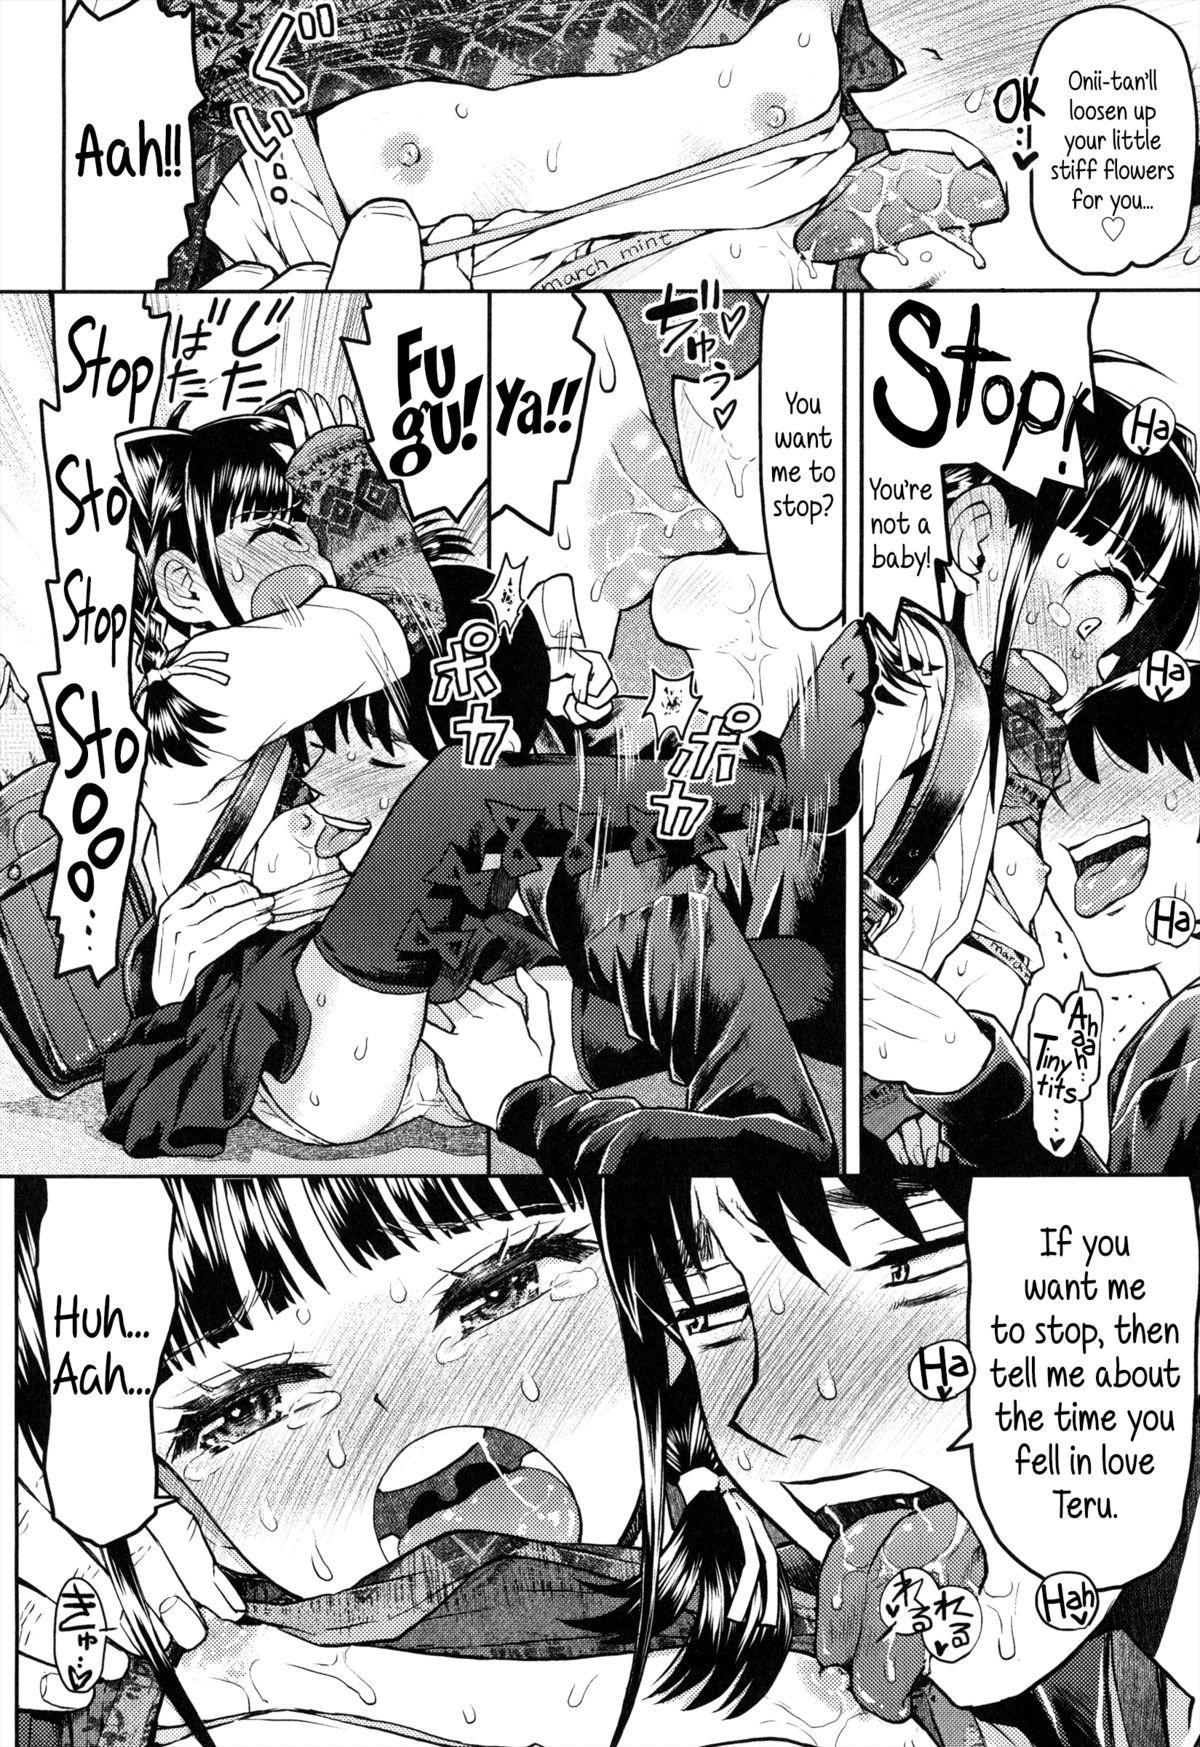 [Minasuki Popuri] Teru-kun ni Aitai   I want to meet up with Teru-kun [English] {5 a.m.} 11